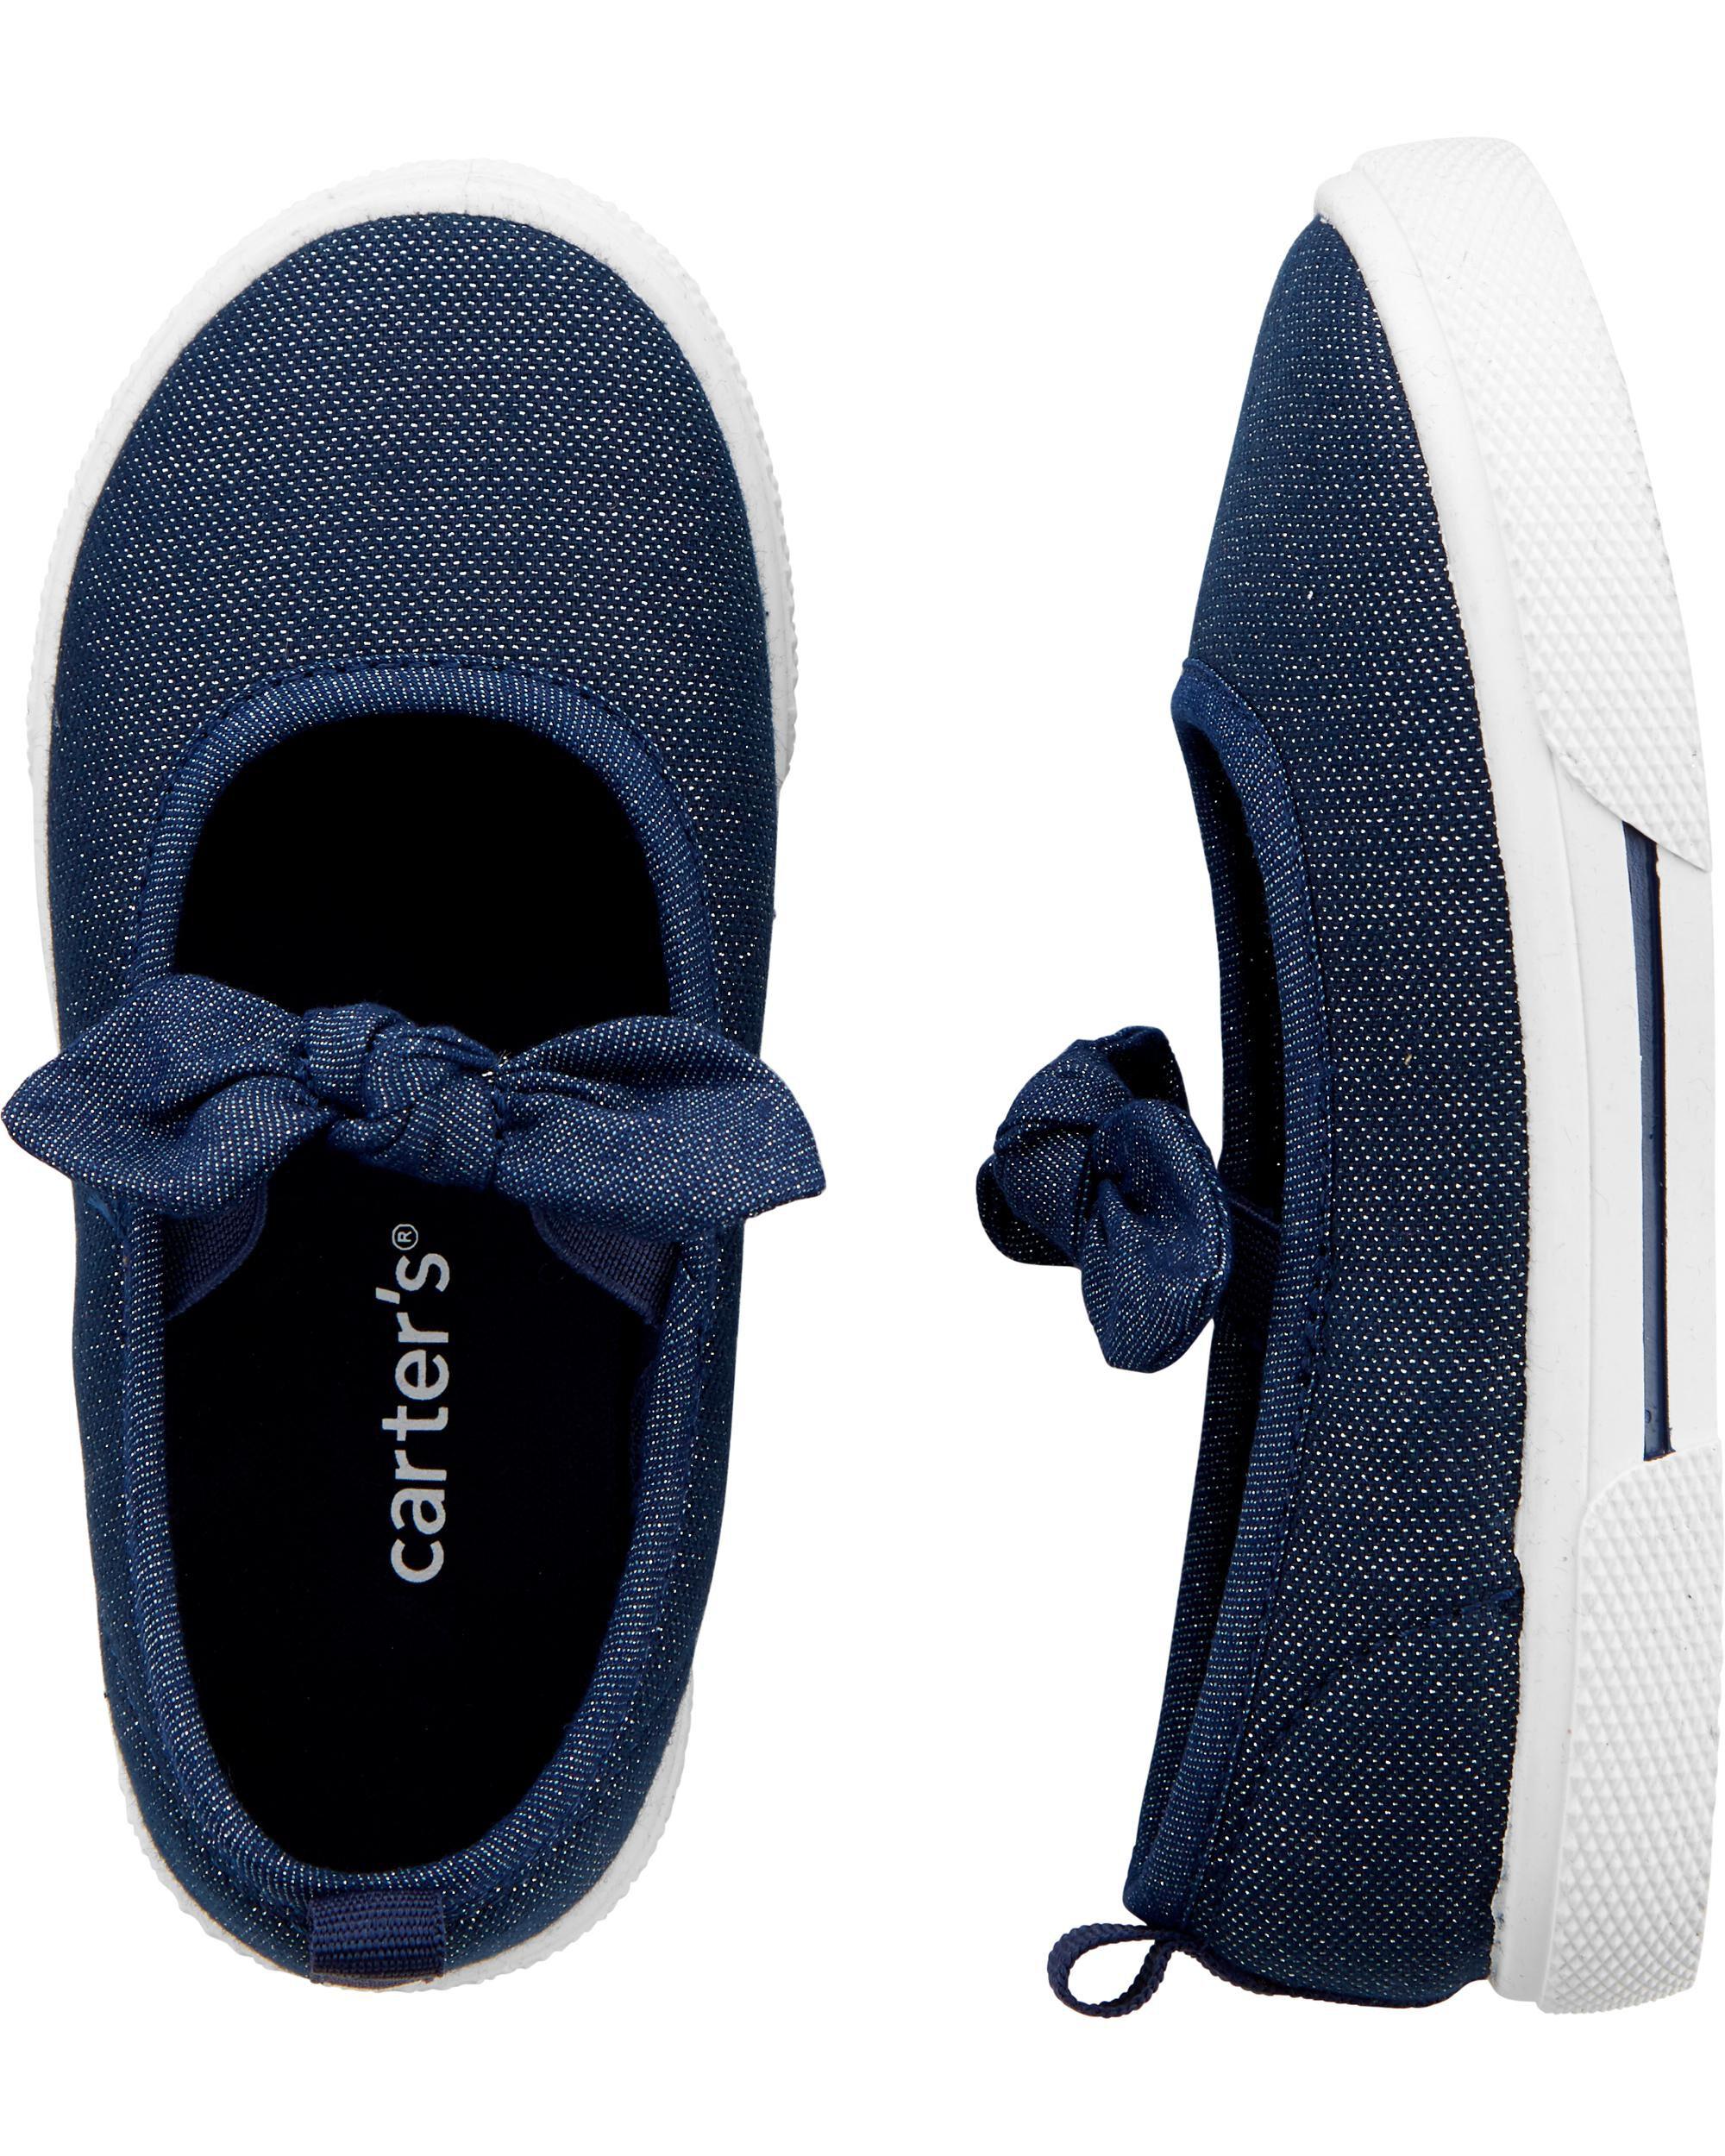 Oshkoshbgosh Carters Mary Jane Shoes